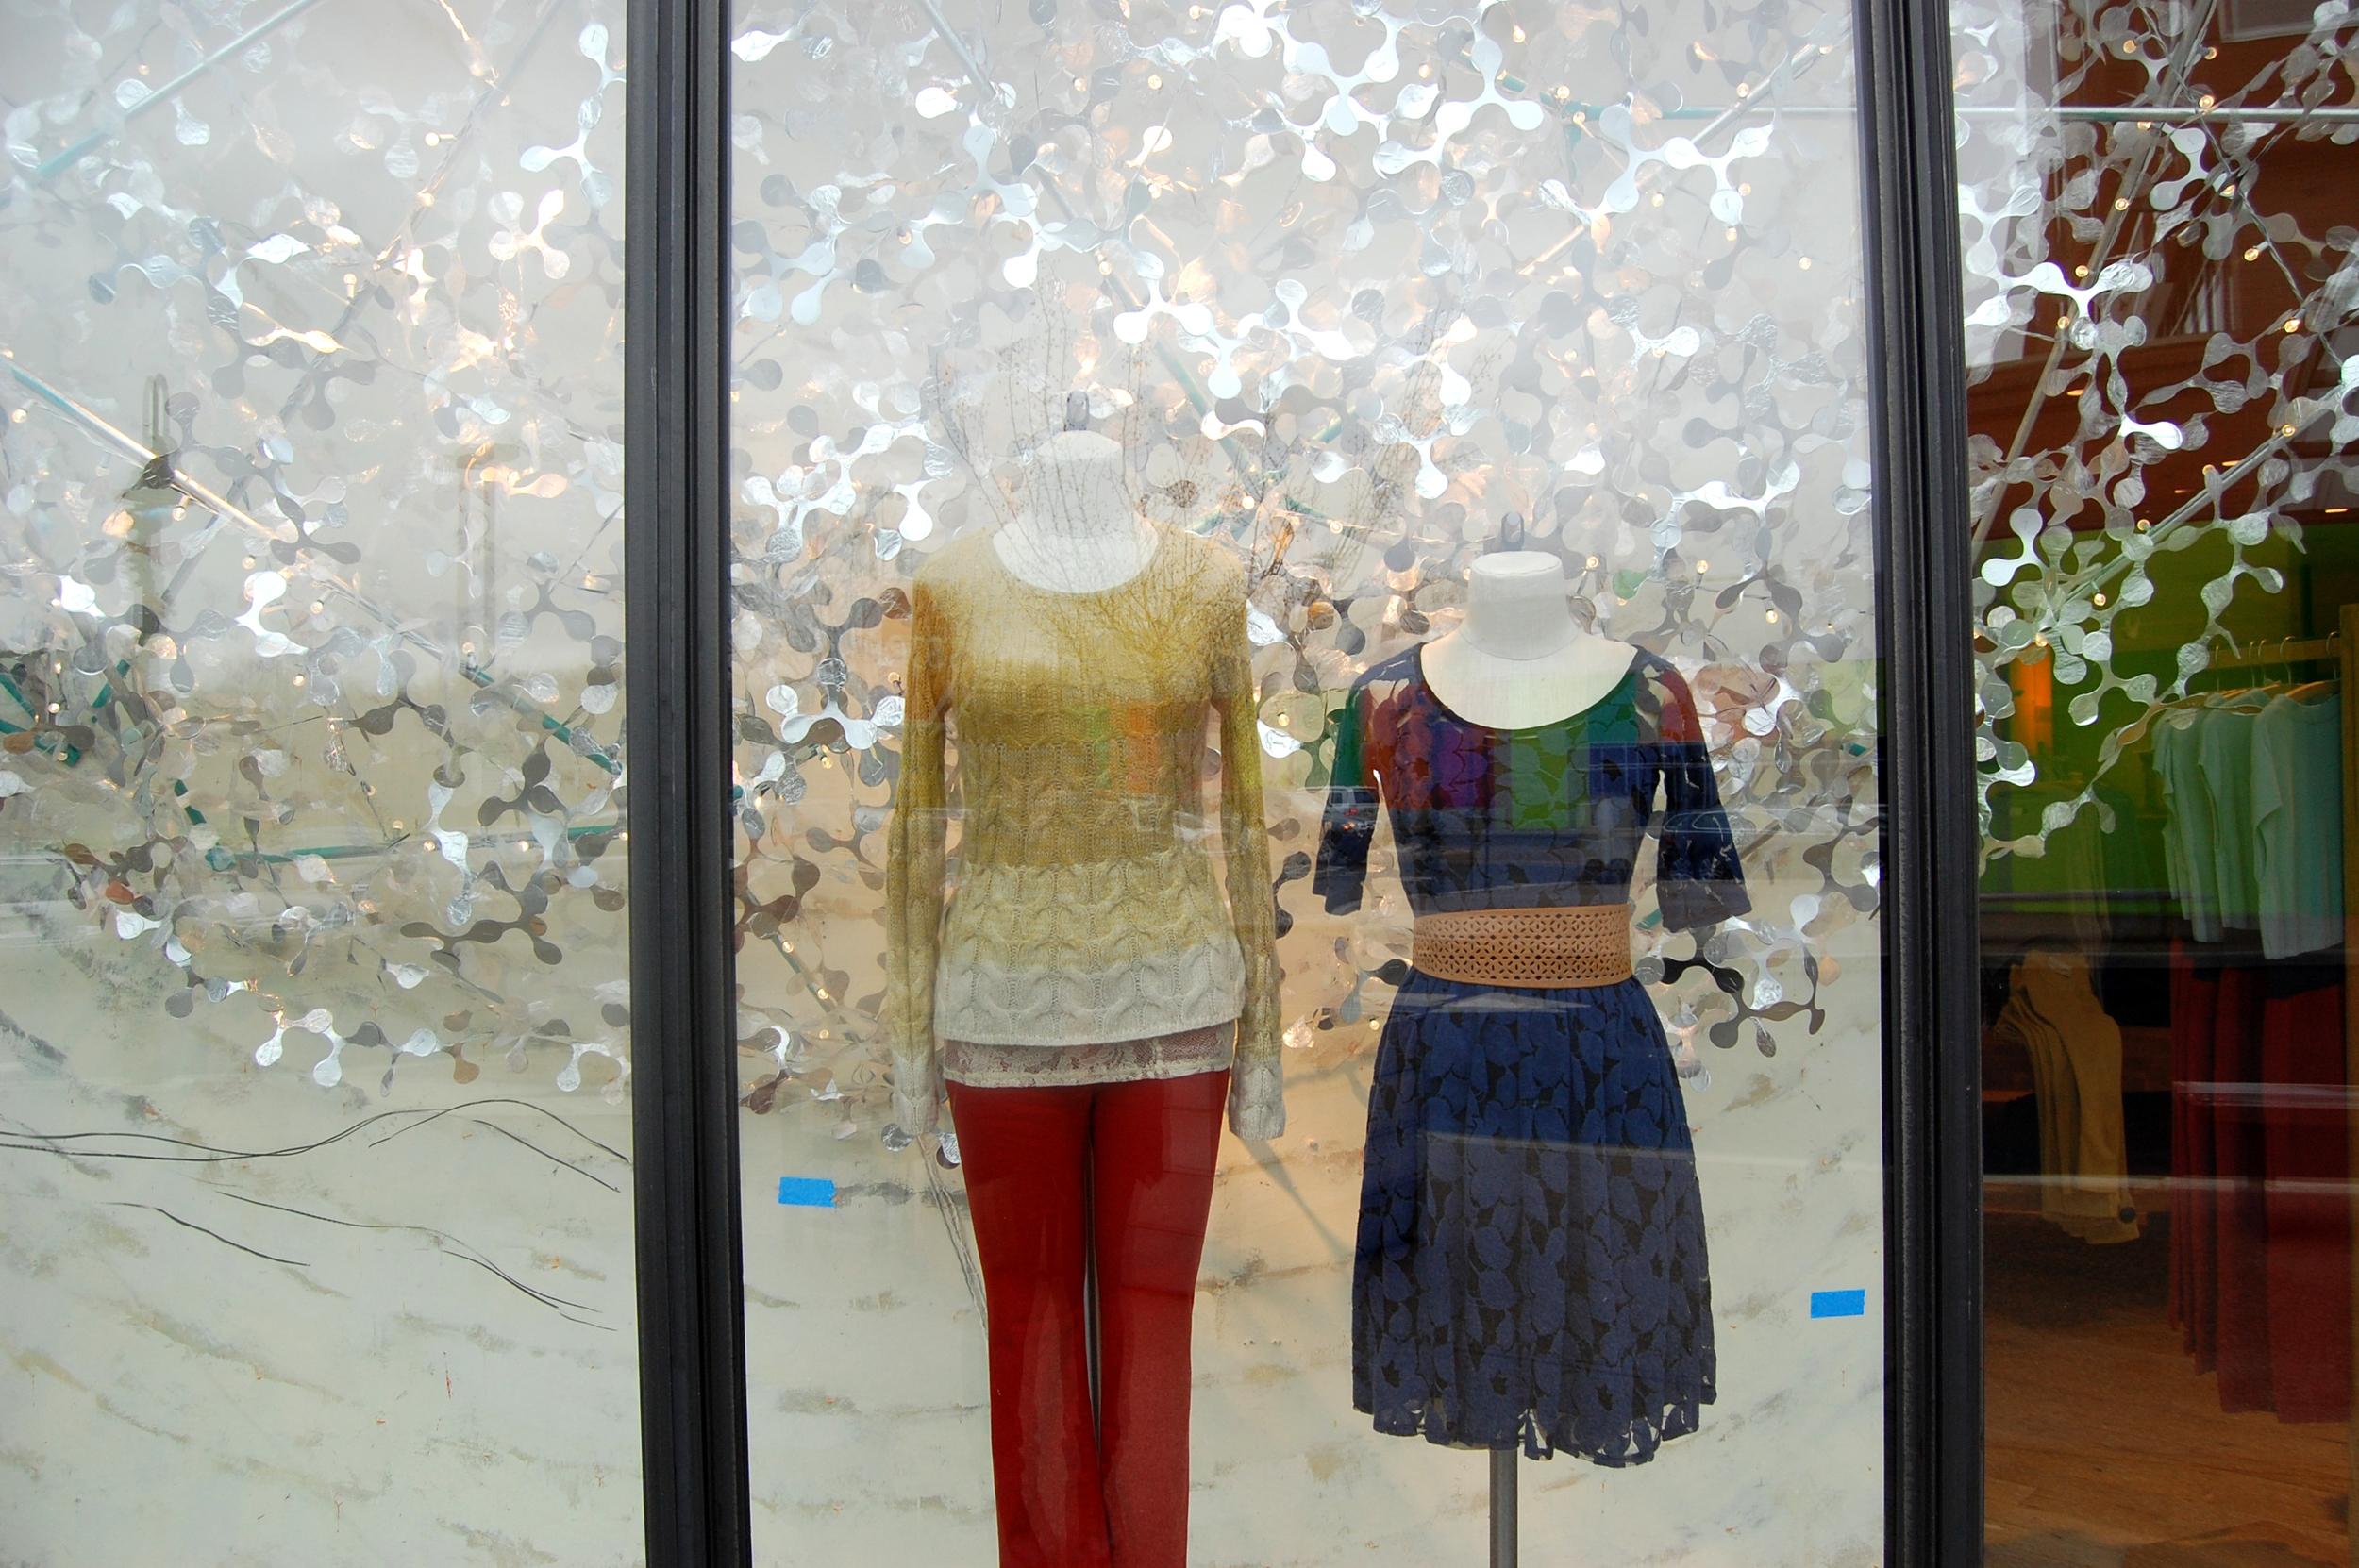 Holiday 2011 Window Display